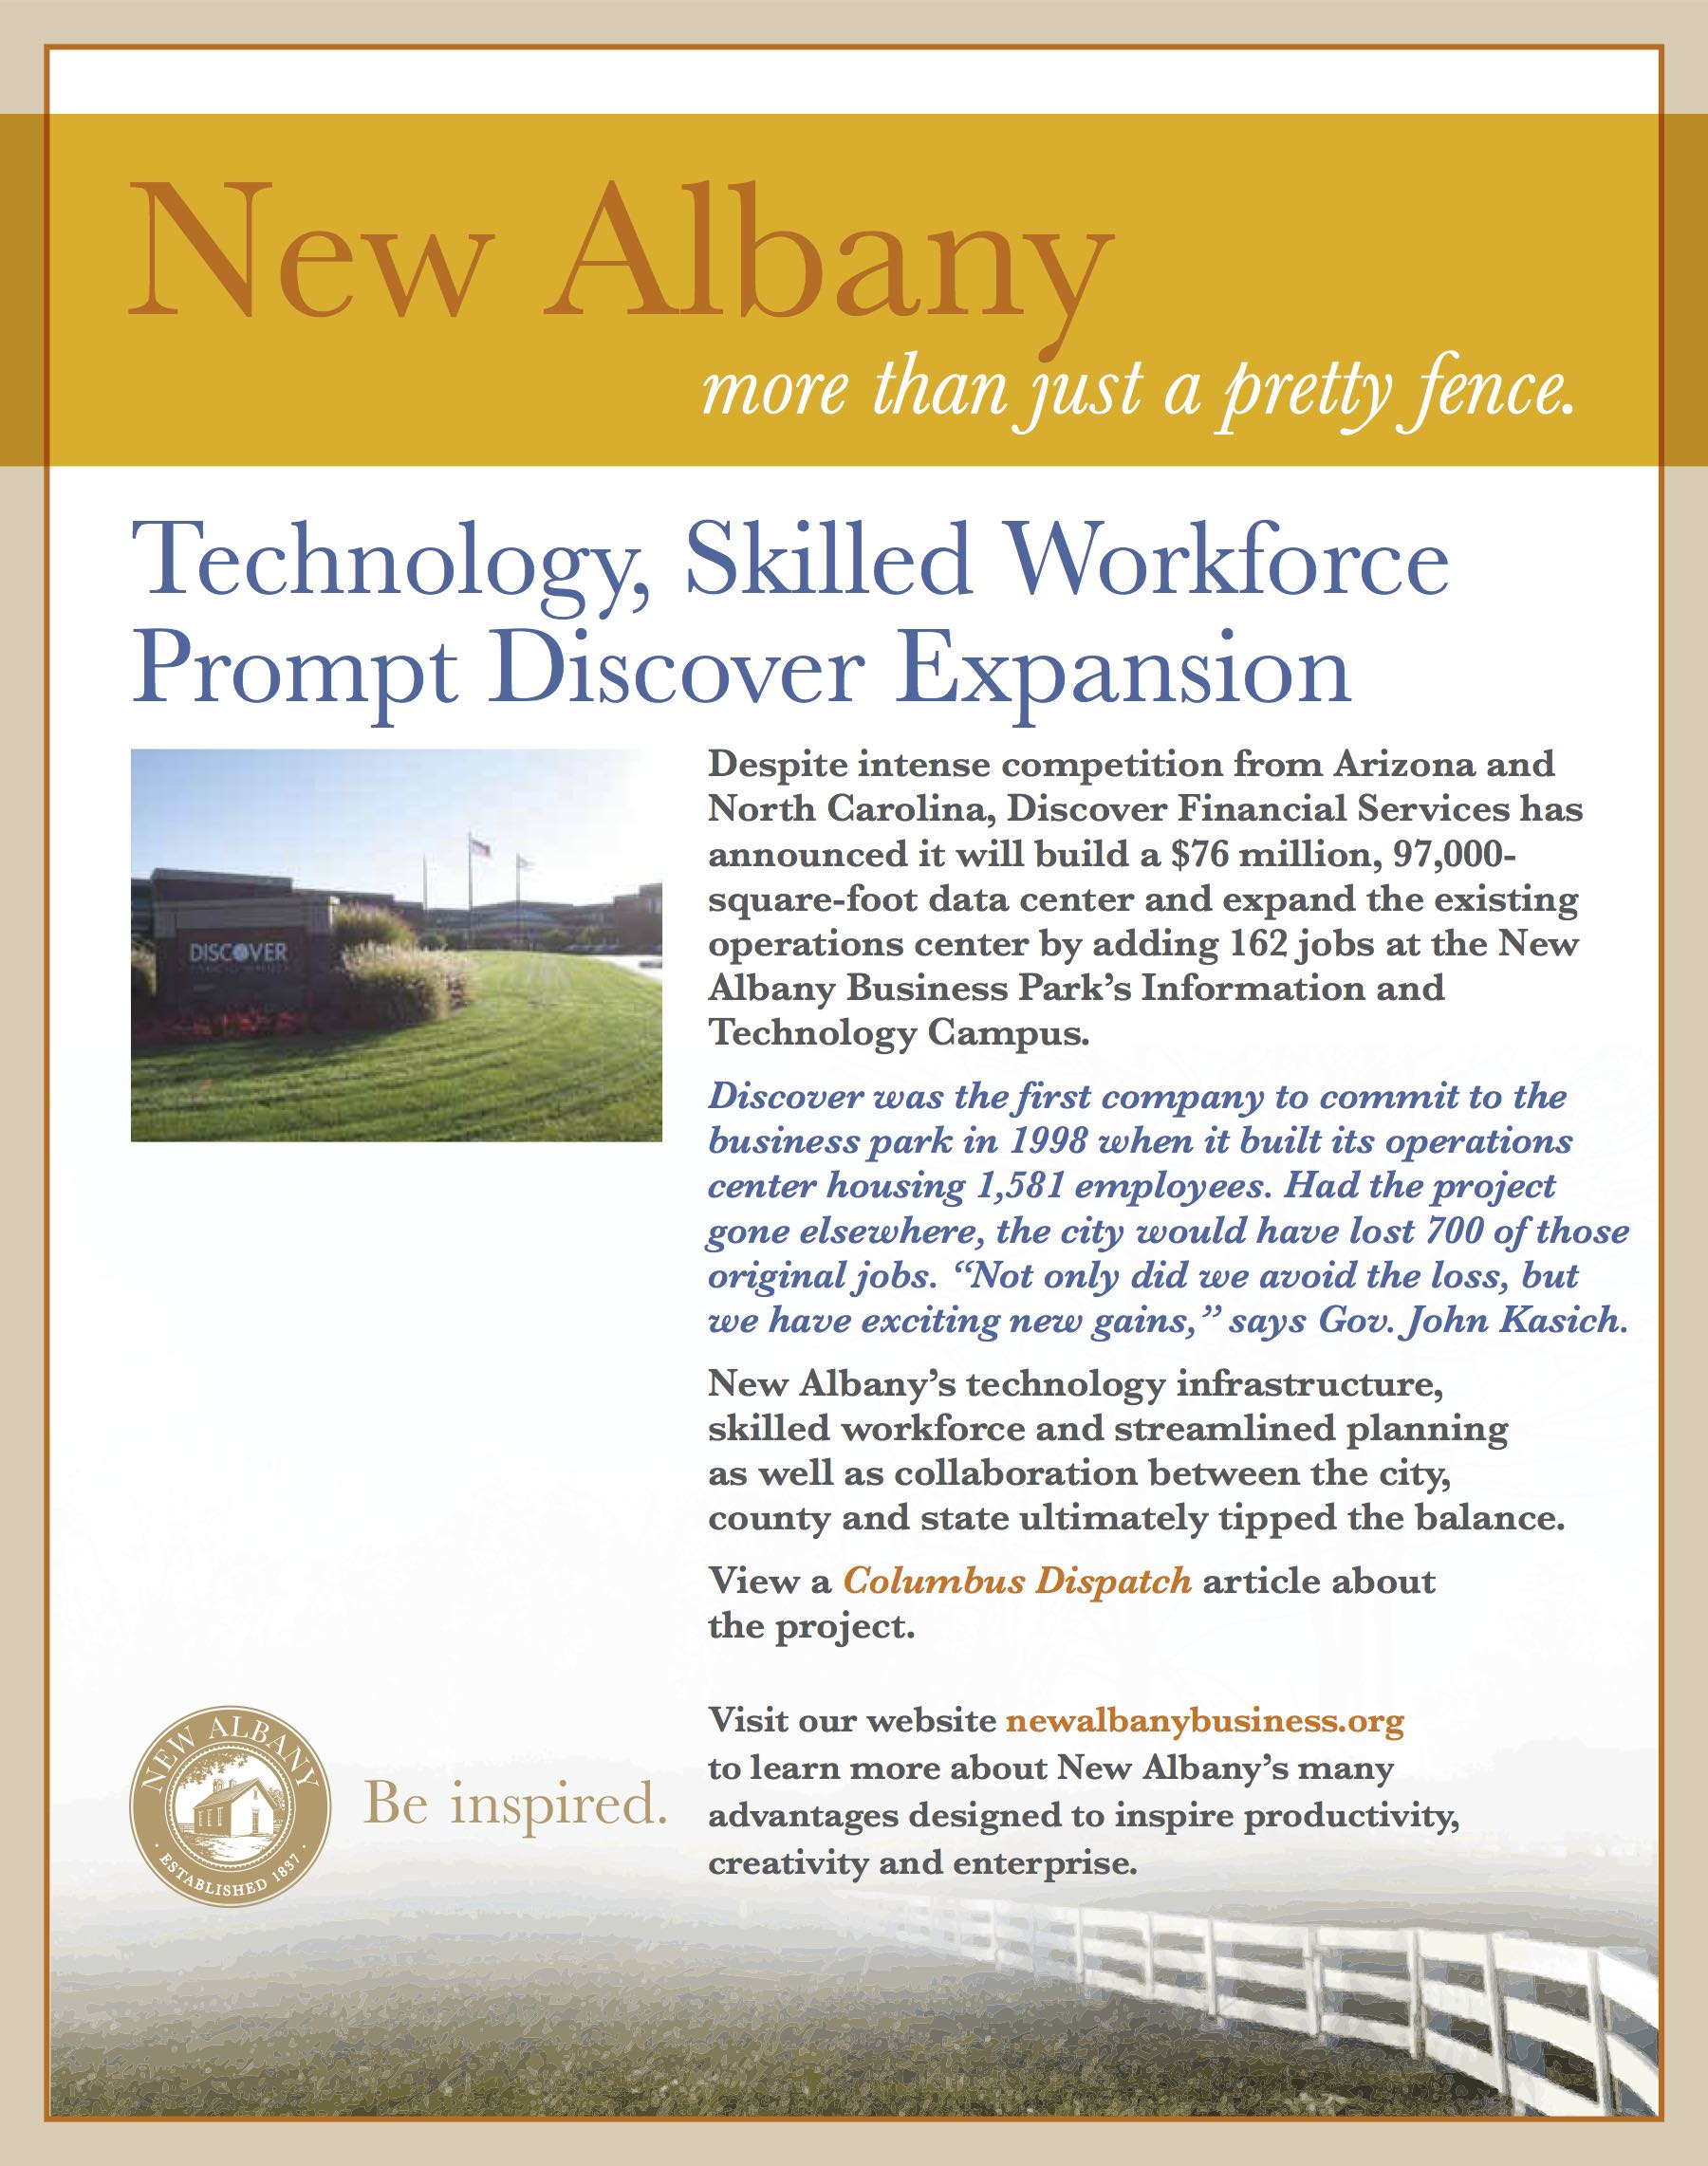 newalbany_2012_4-may